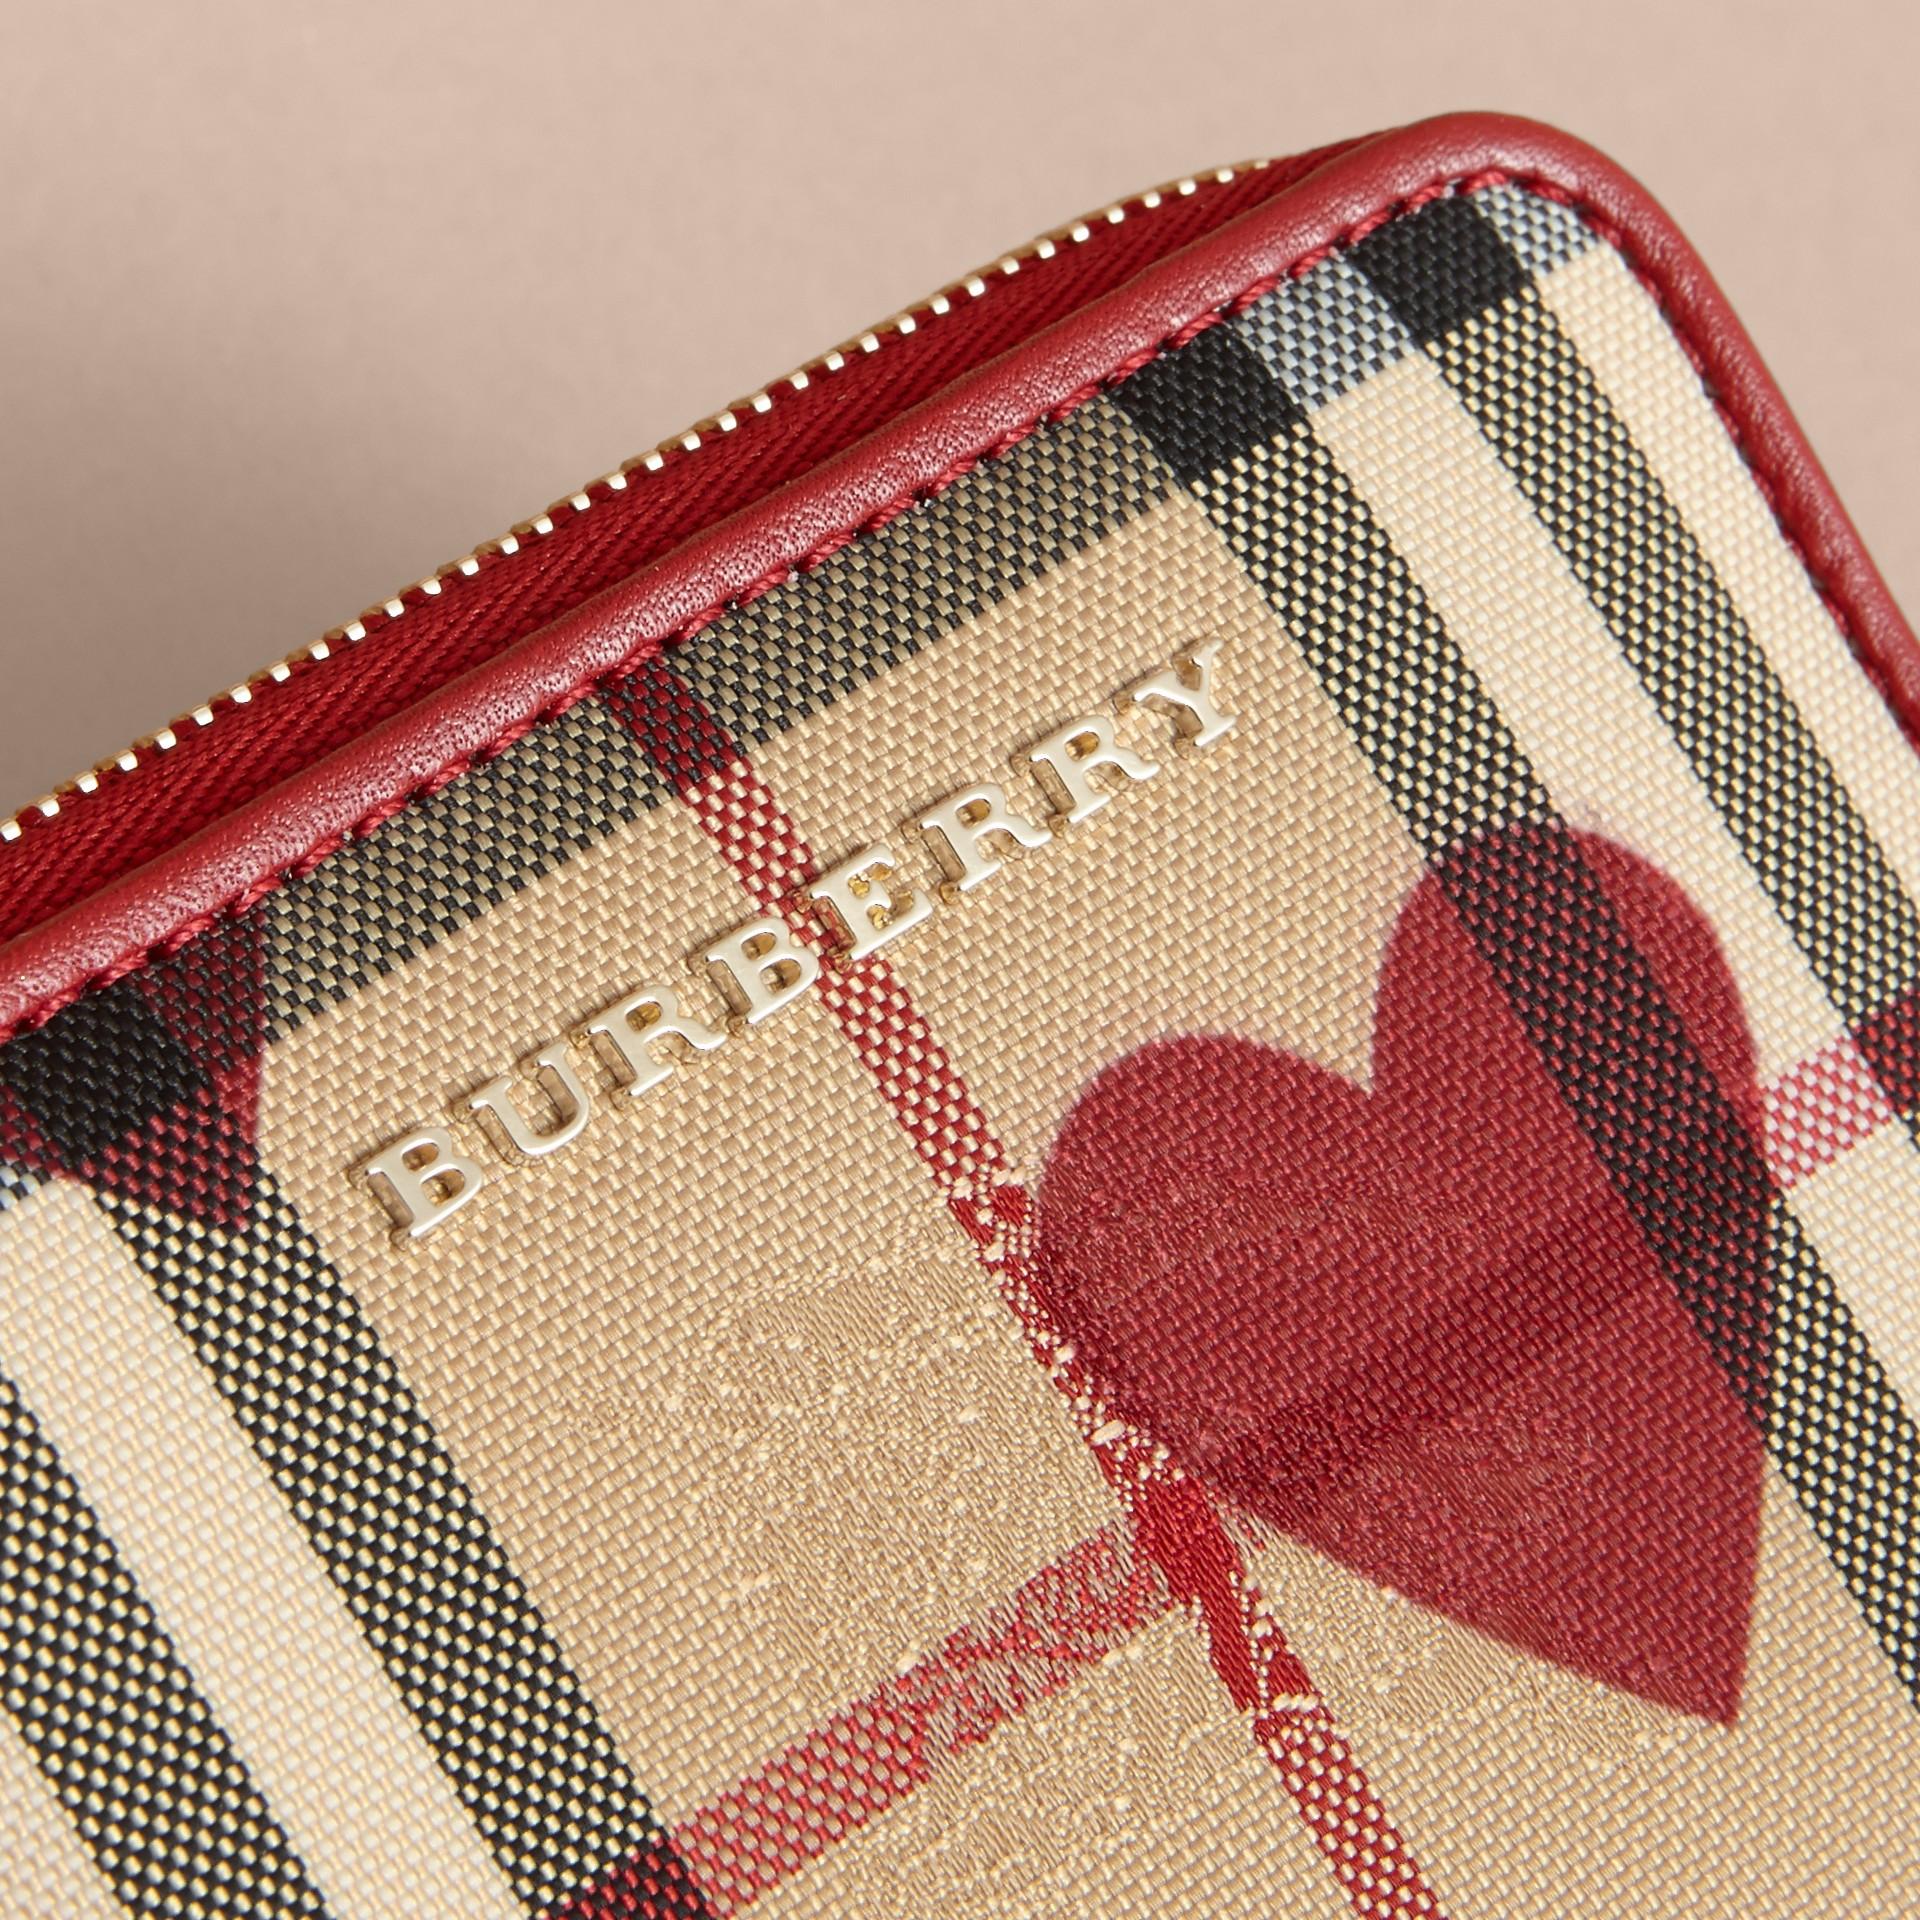 繽紛鮮紅色 心型印花 Horseferry 格紋小型環繞式拉鍊皮夾 - 圖庫照片 2